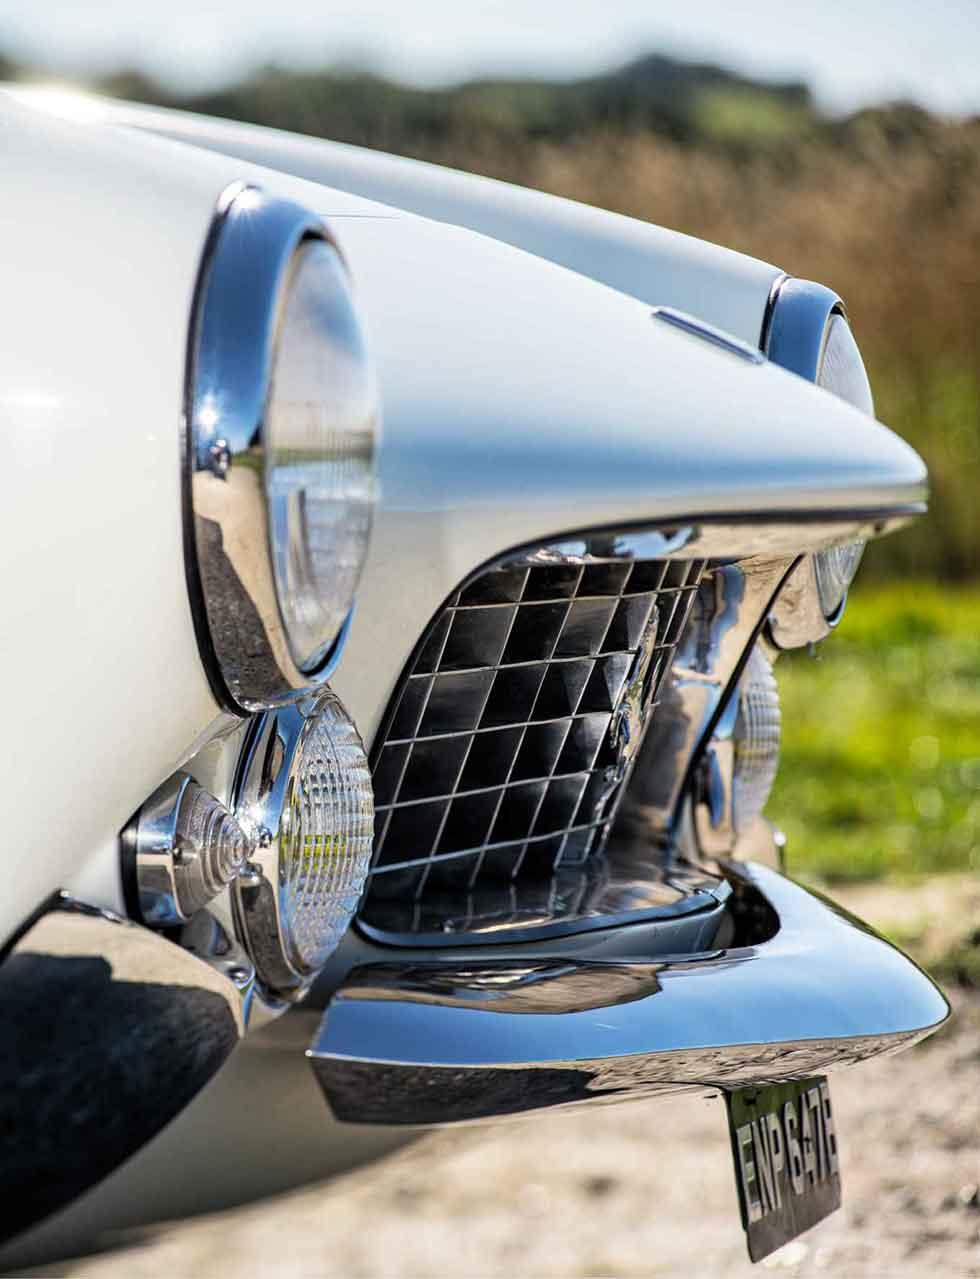 1964 Ferrari 250 GT Berlinetta Lusso - road test